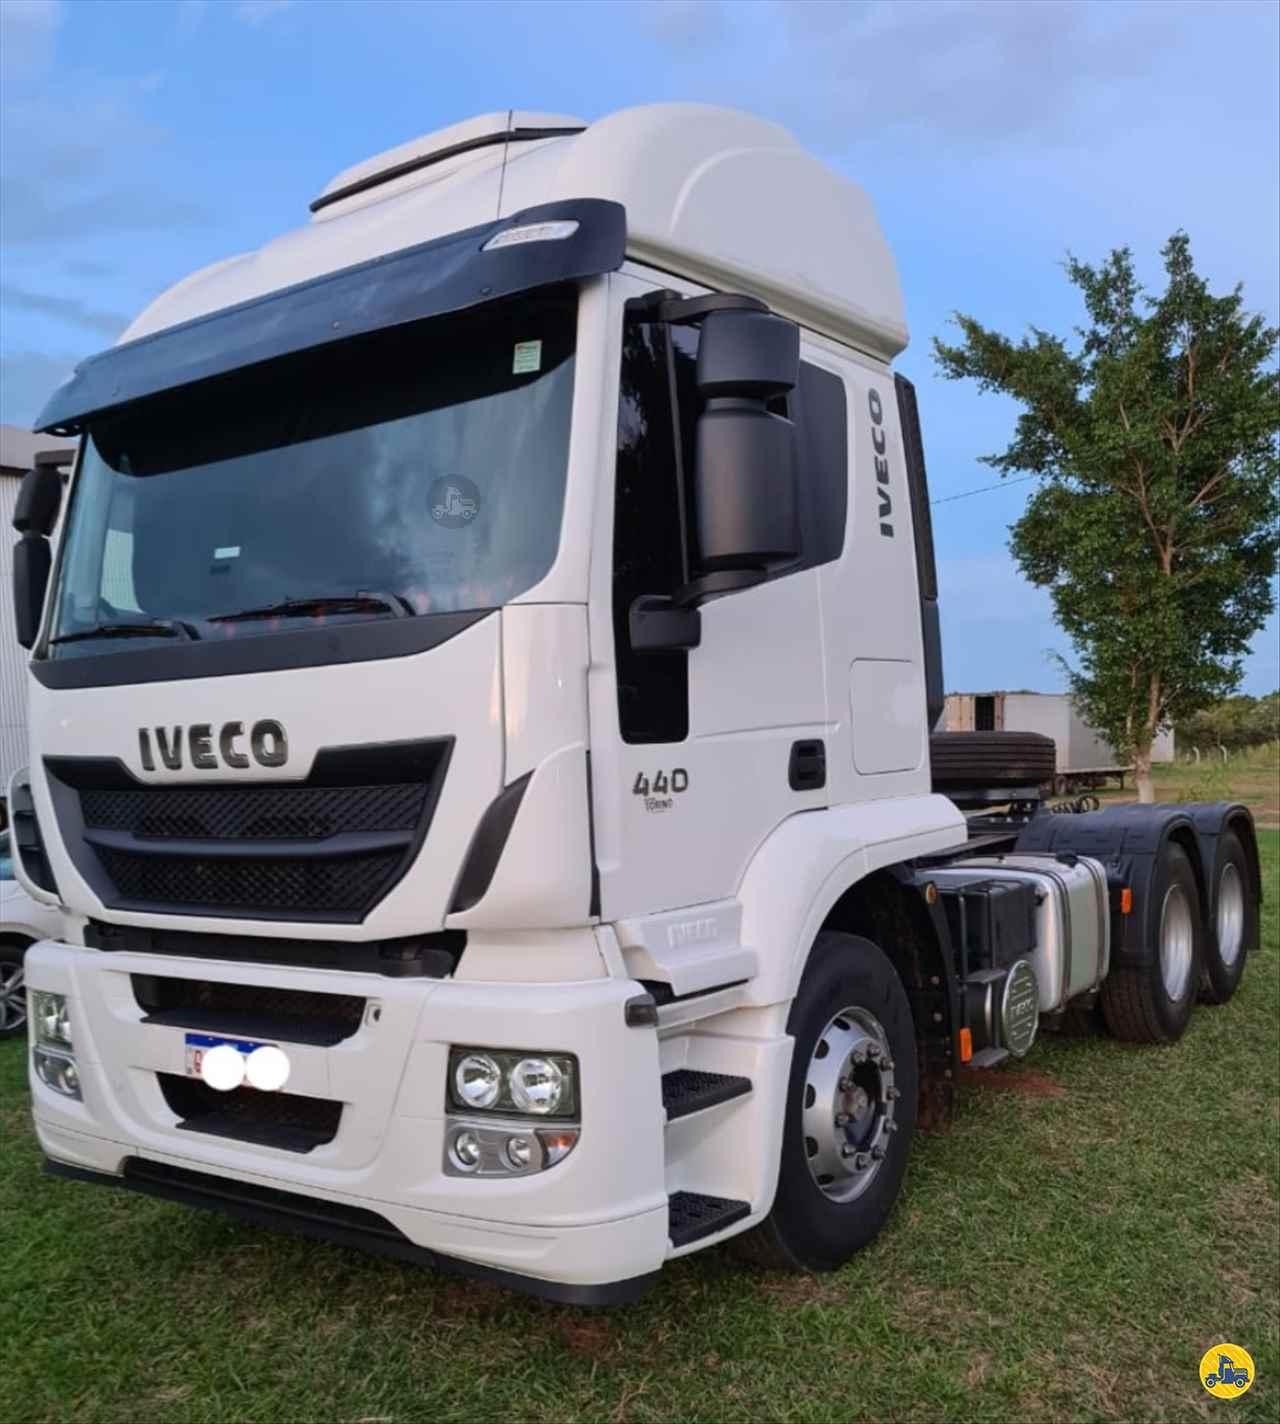 CAMINHAO IVECO STRALIS 440 Cavalo Mecânico Truck 6x2 Rodrigo Caminhões CAMPO GRANDE MATO GROSSO DO SUL MS